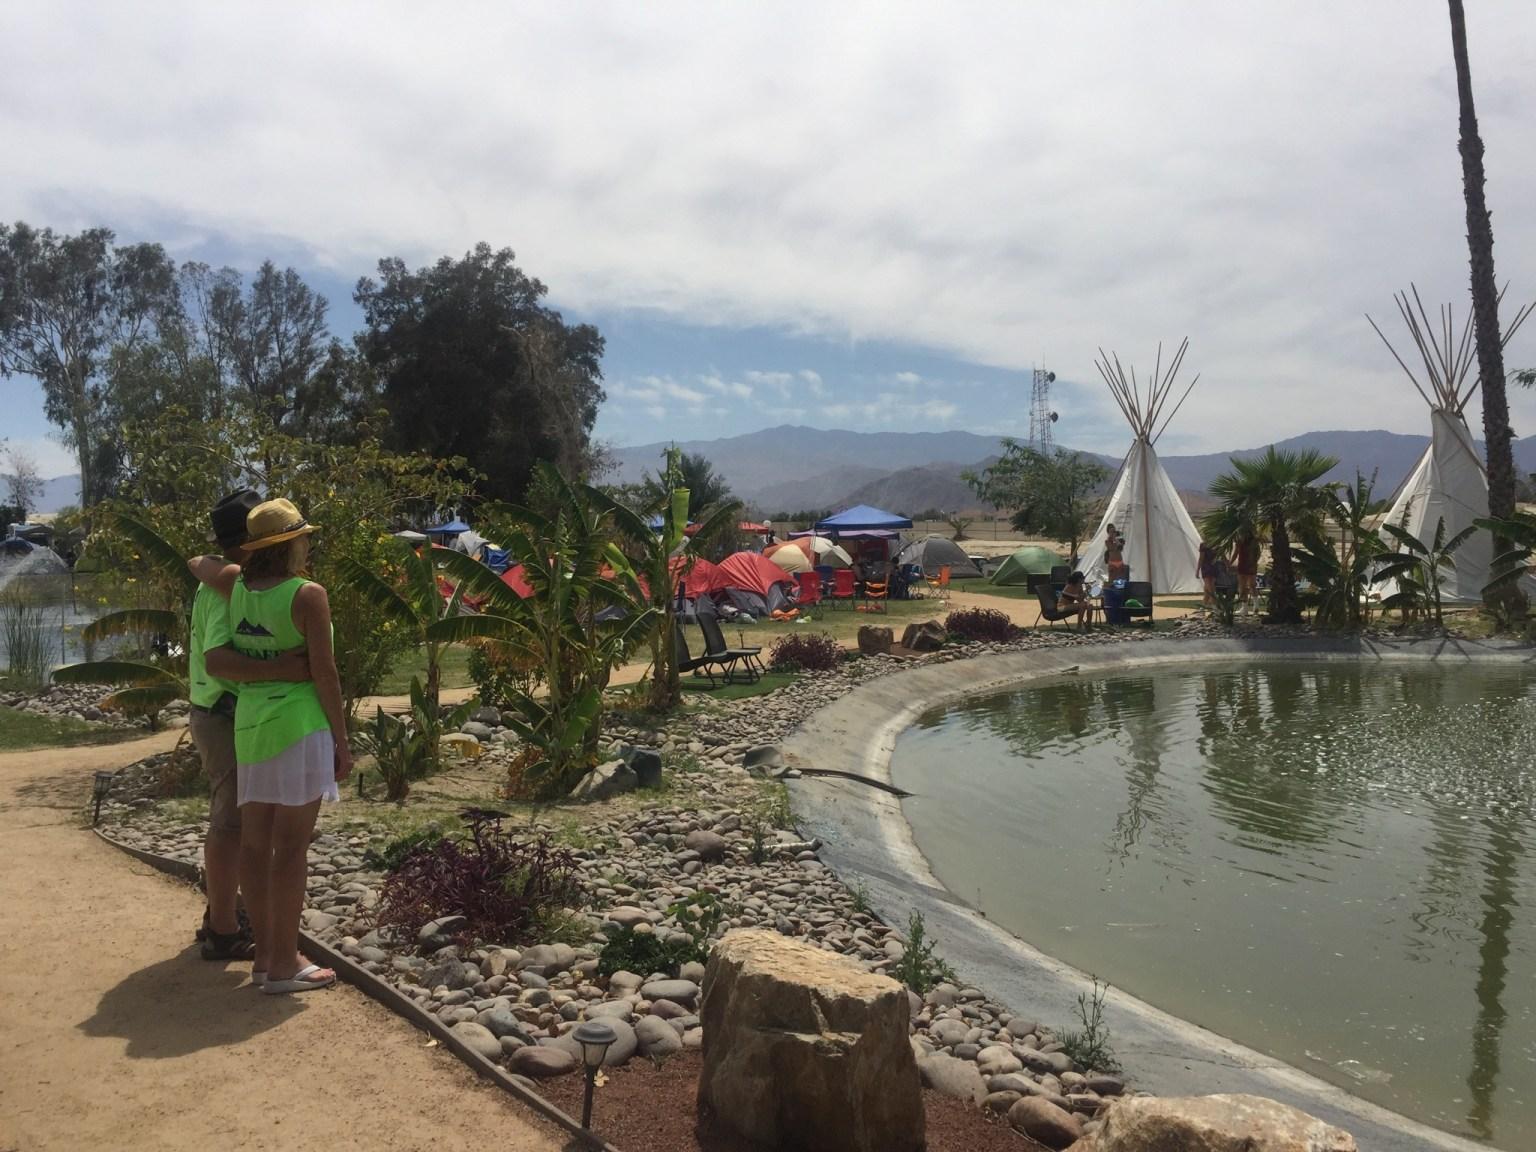 Shadow Hills RV Resort Making a Splash During Festival Season